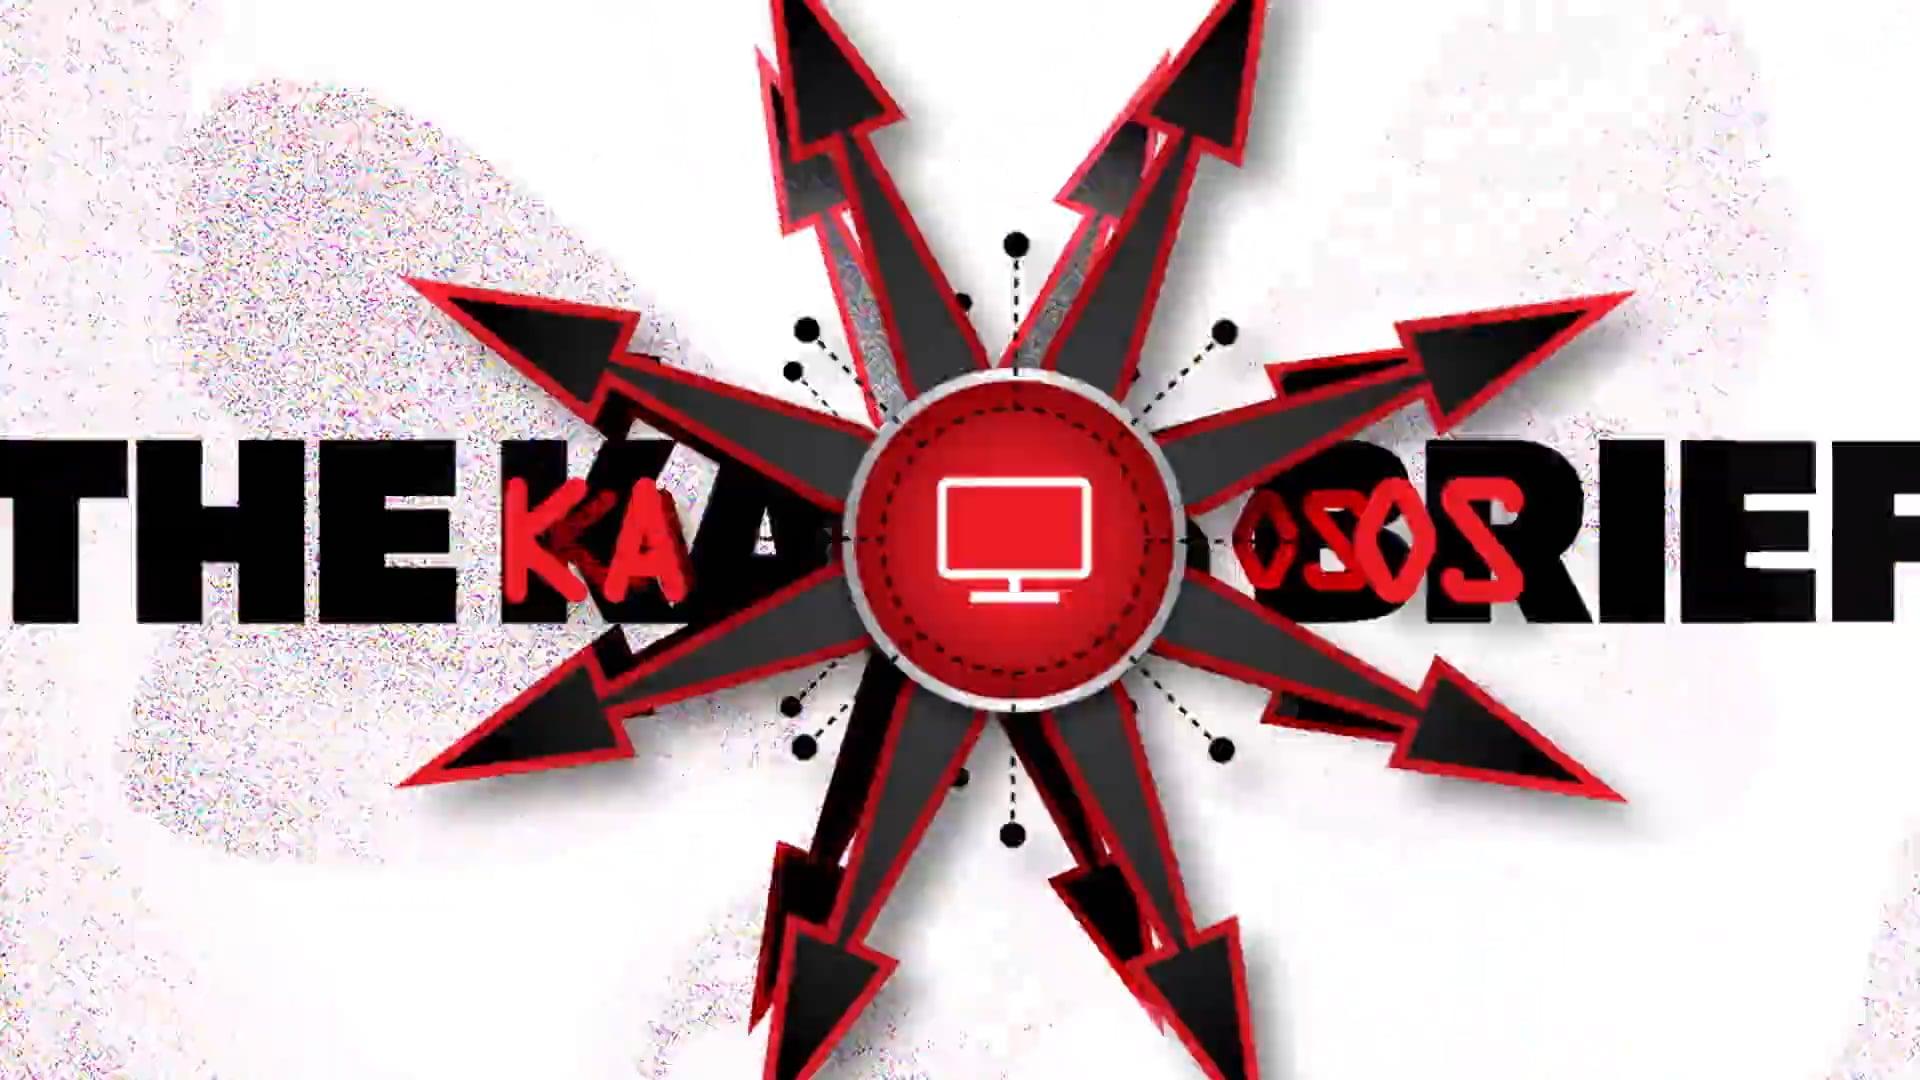 The Kaos Brief Trailer